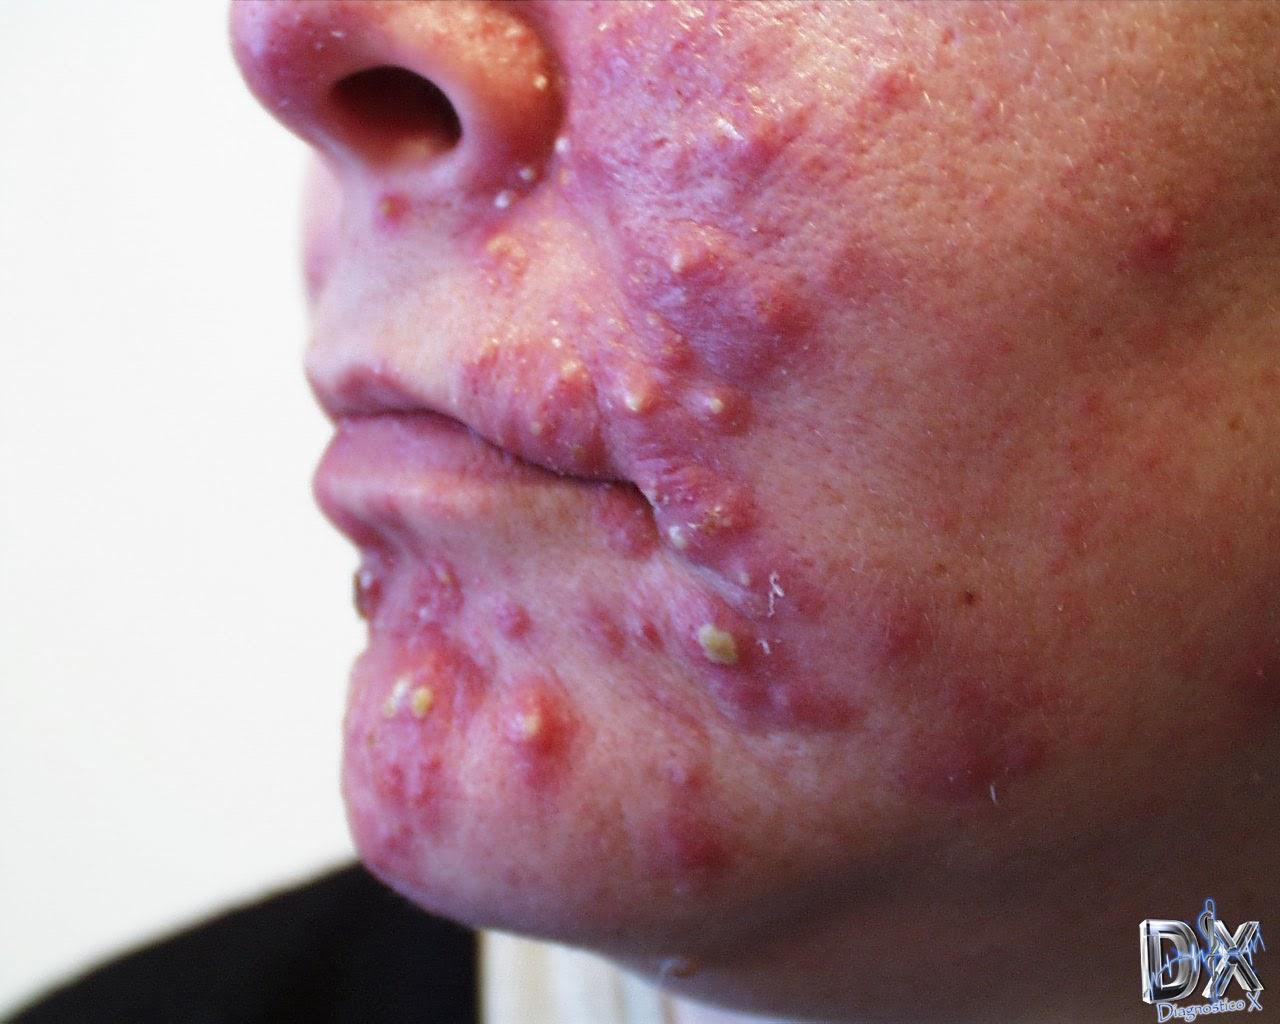 El dermatólogo por el acné